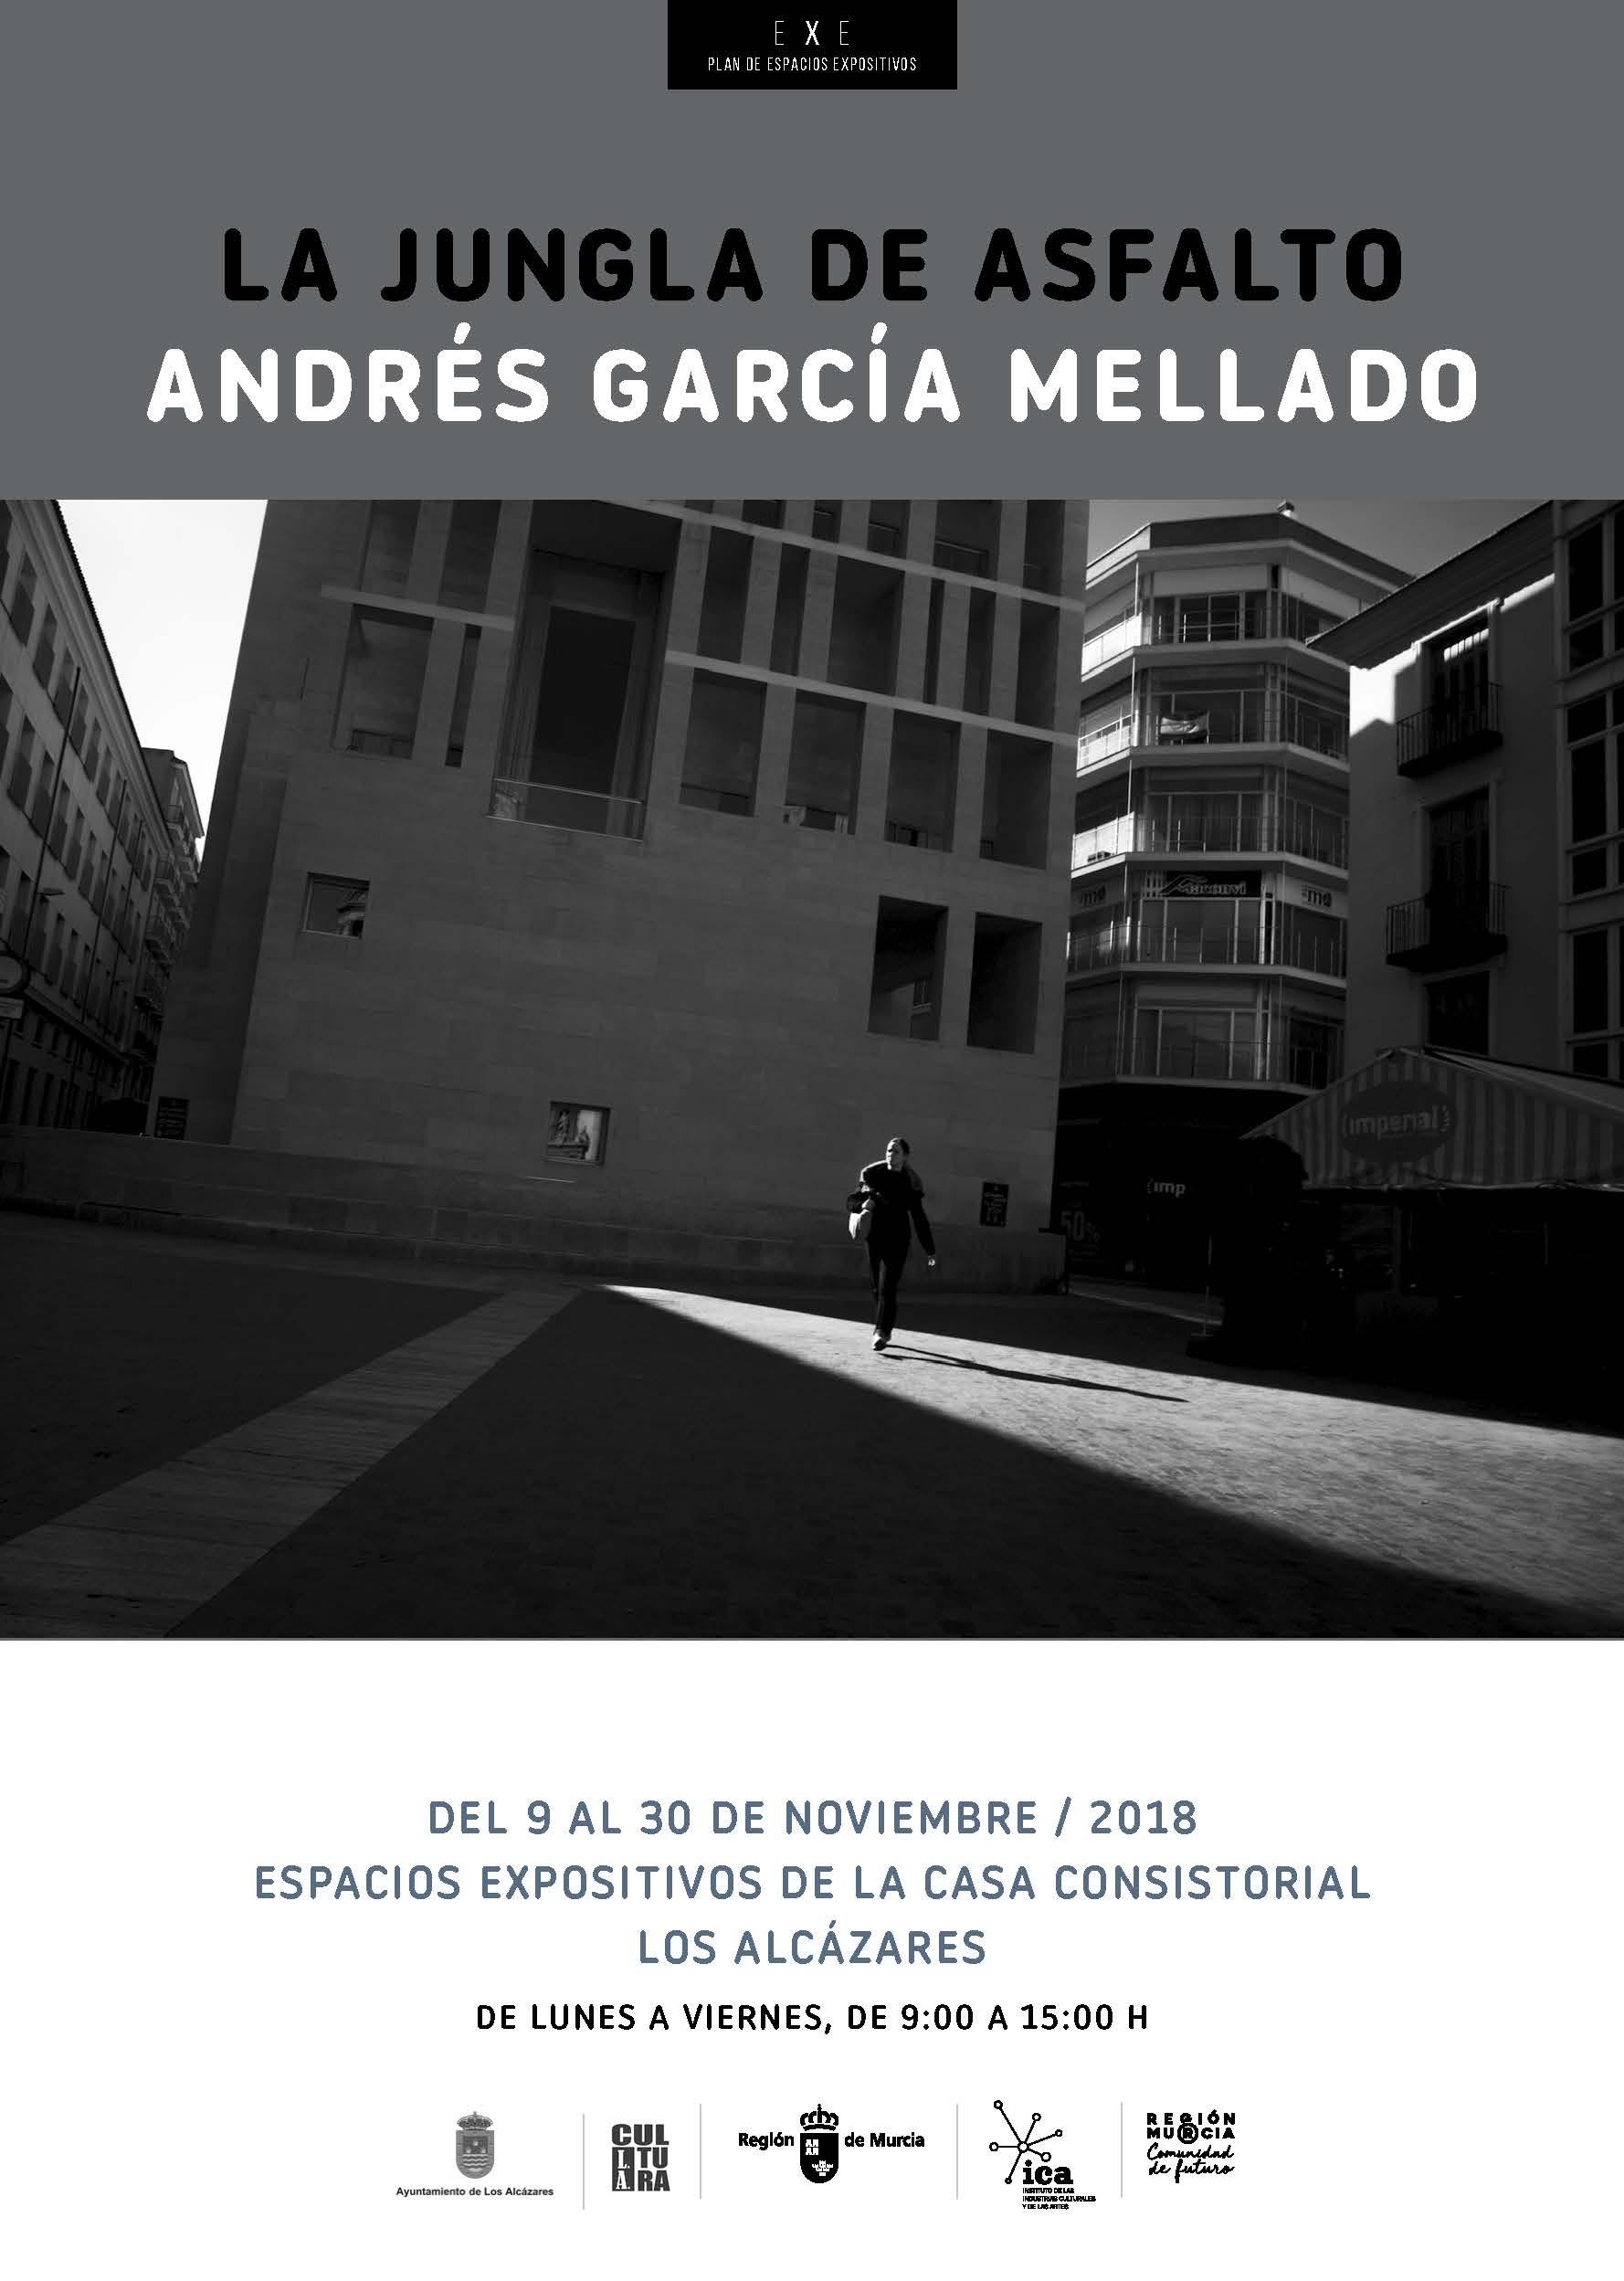 CARTEL-Andrés-García-Mellado-en-los-Alcázares.jpg